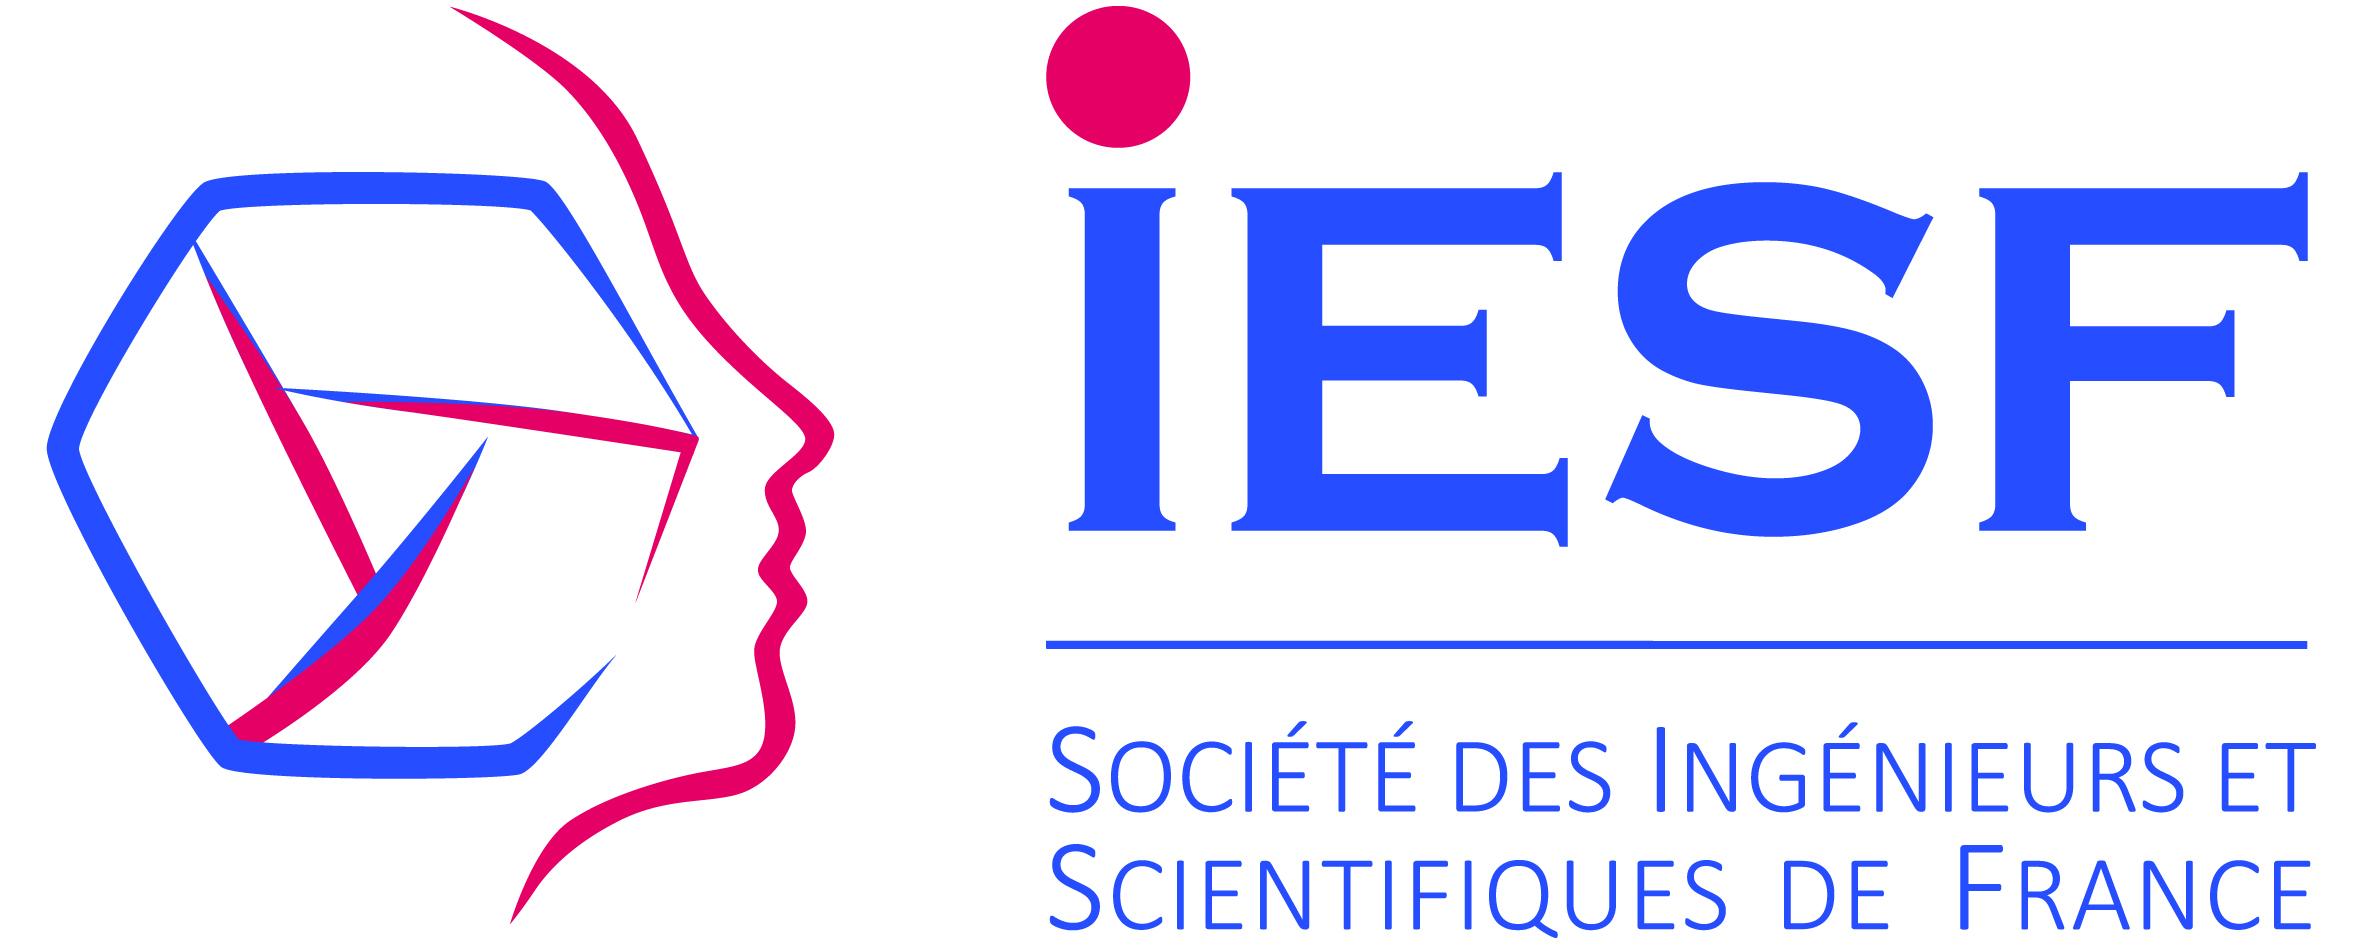 Ingénieurs Et Scientifiques de France (IESF) : Brand Short Description Type Here.